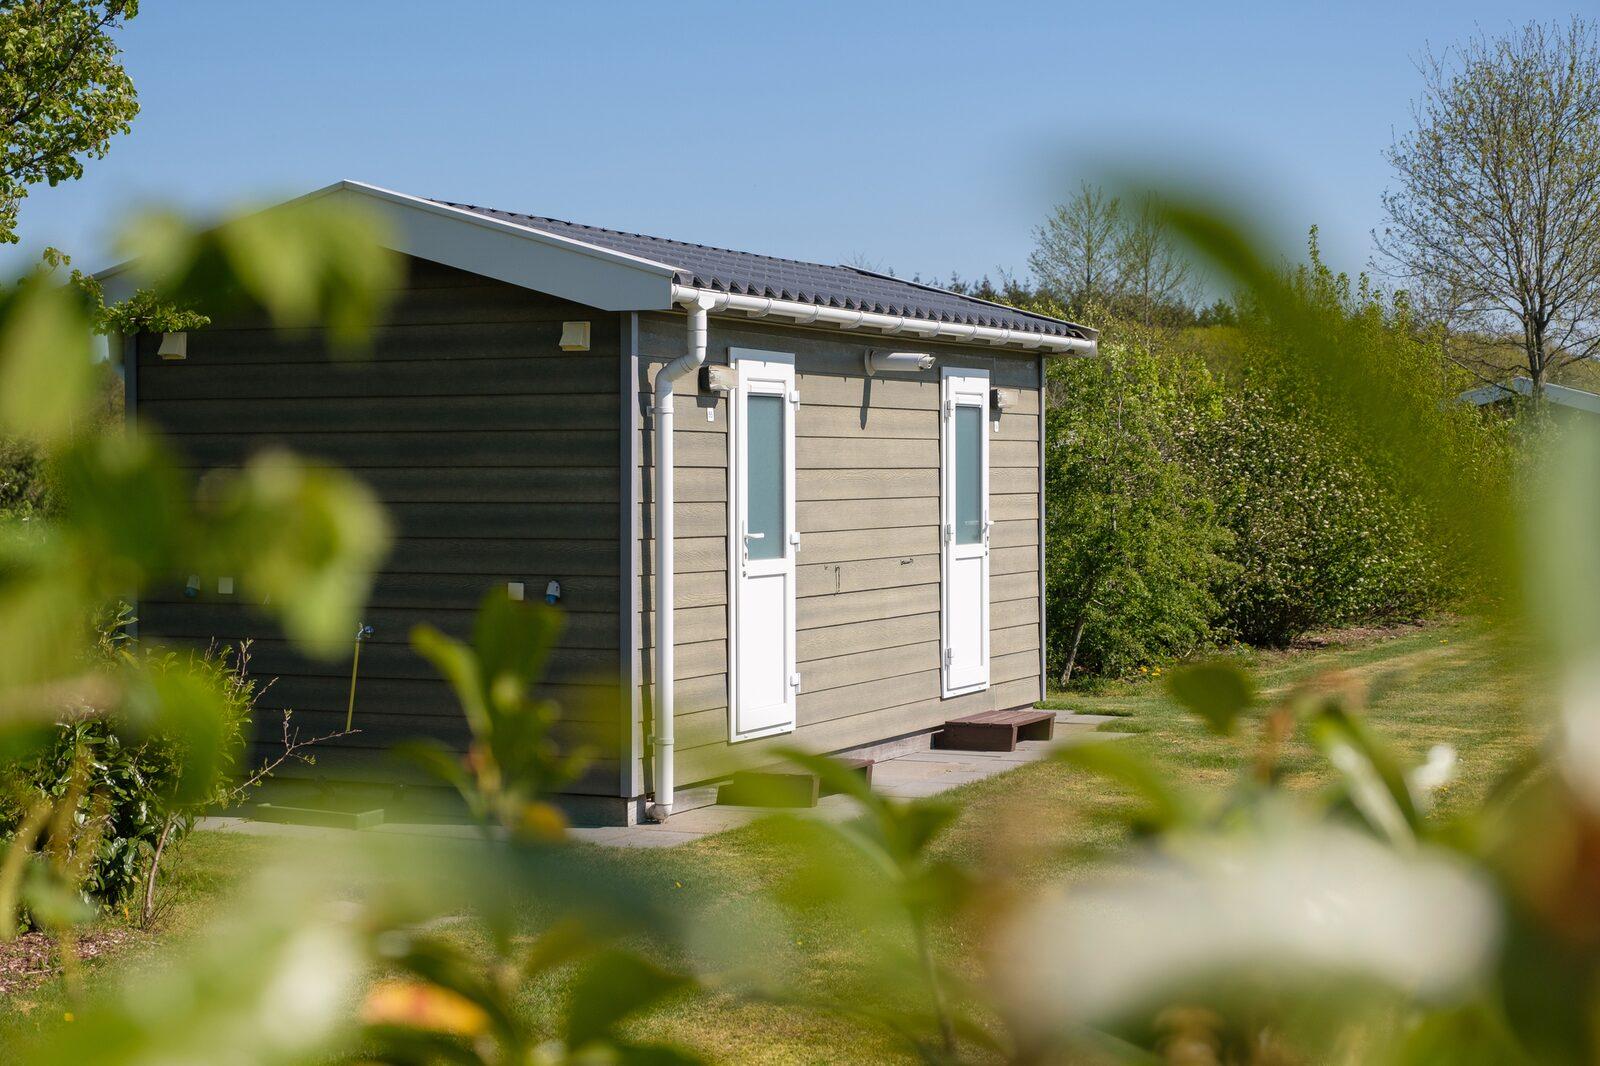 September - comfort kampeerplaats met privé sanitair